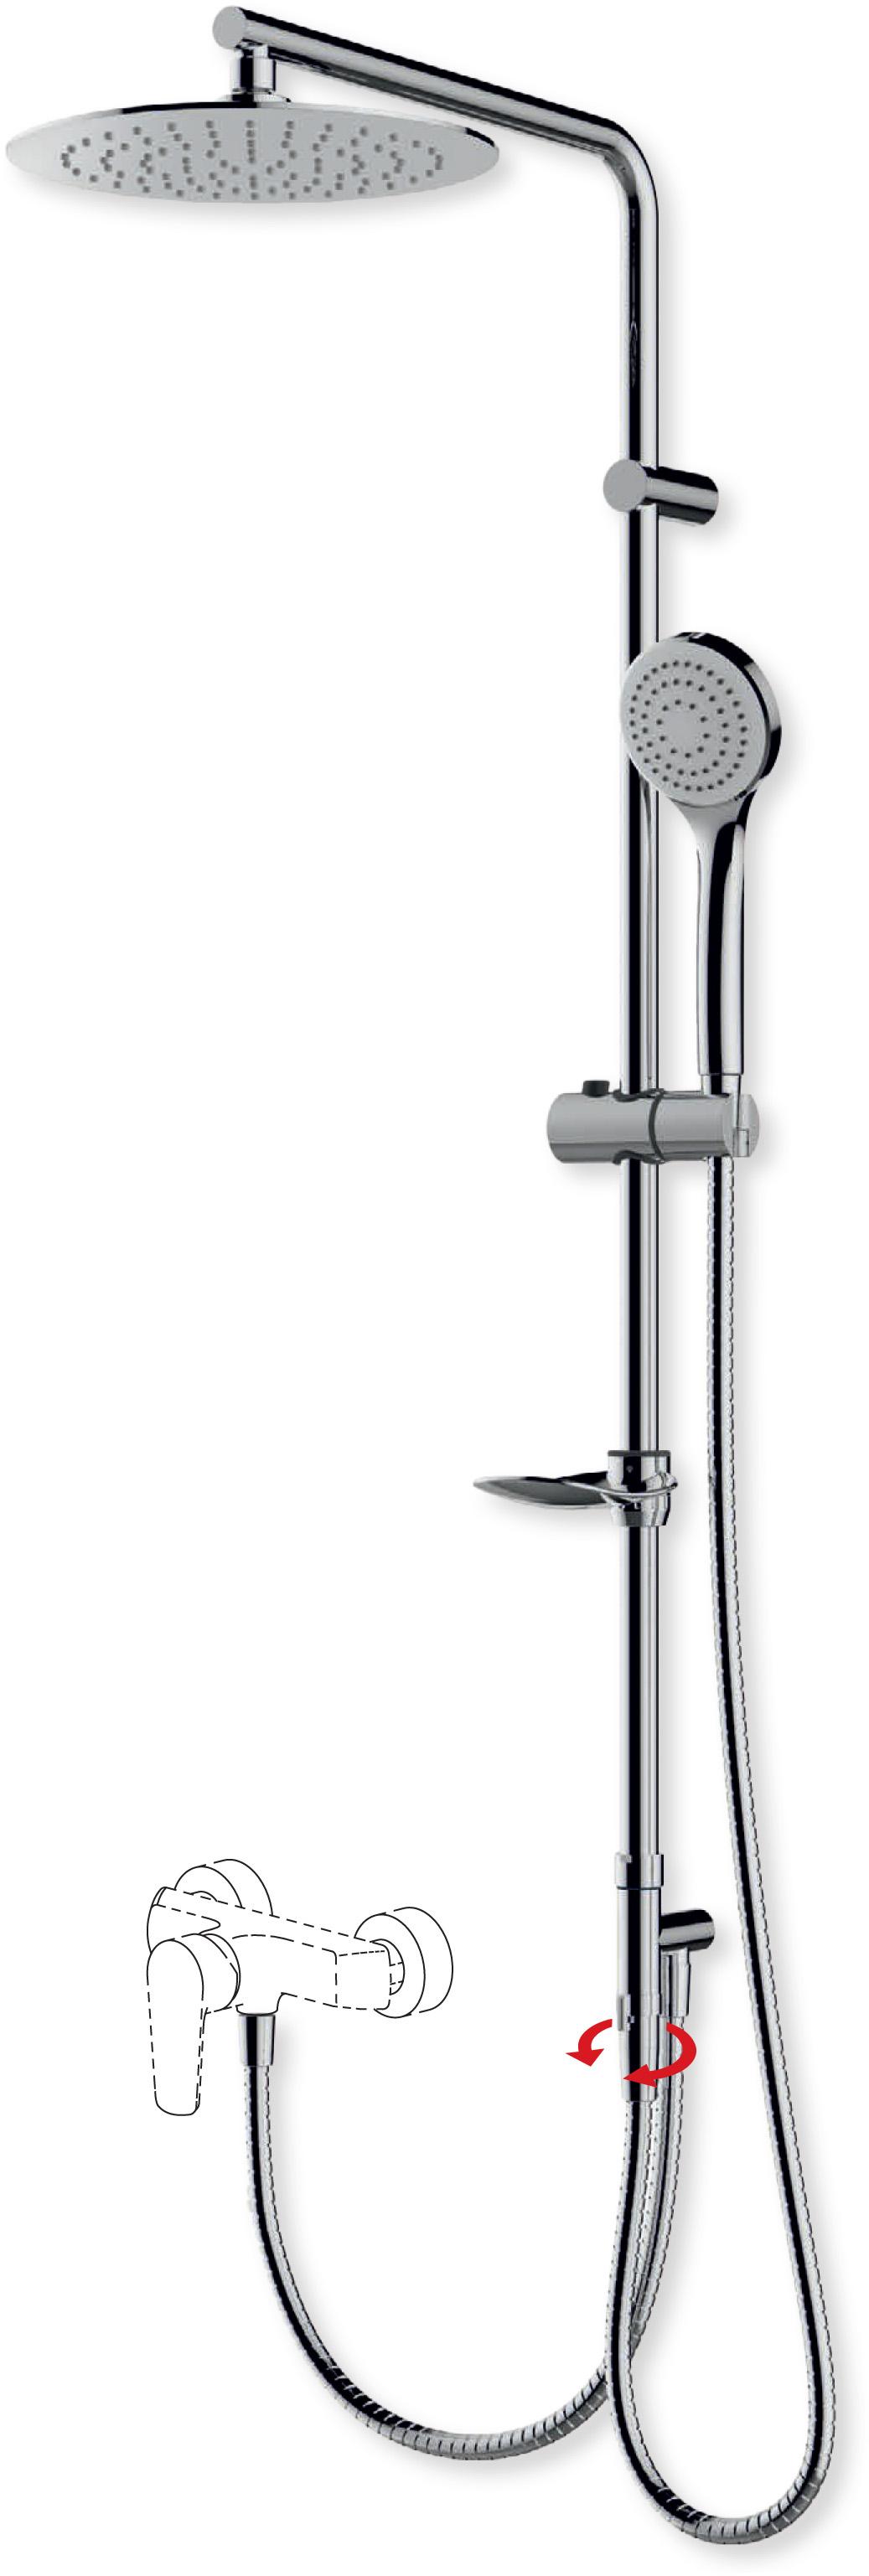 Sprchový sloup RAIN BASIC